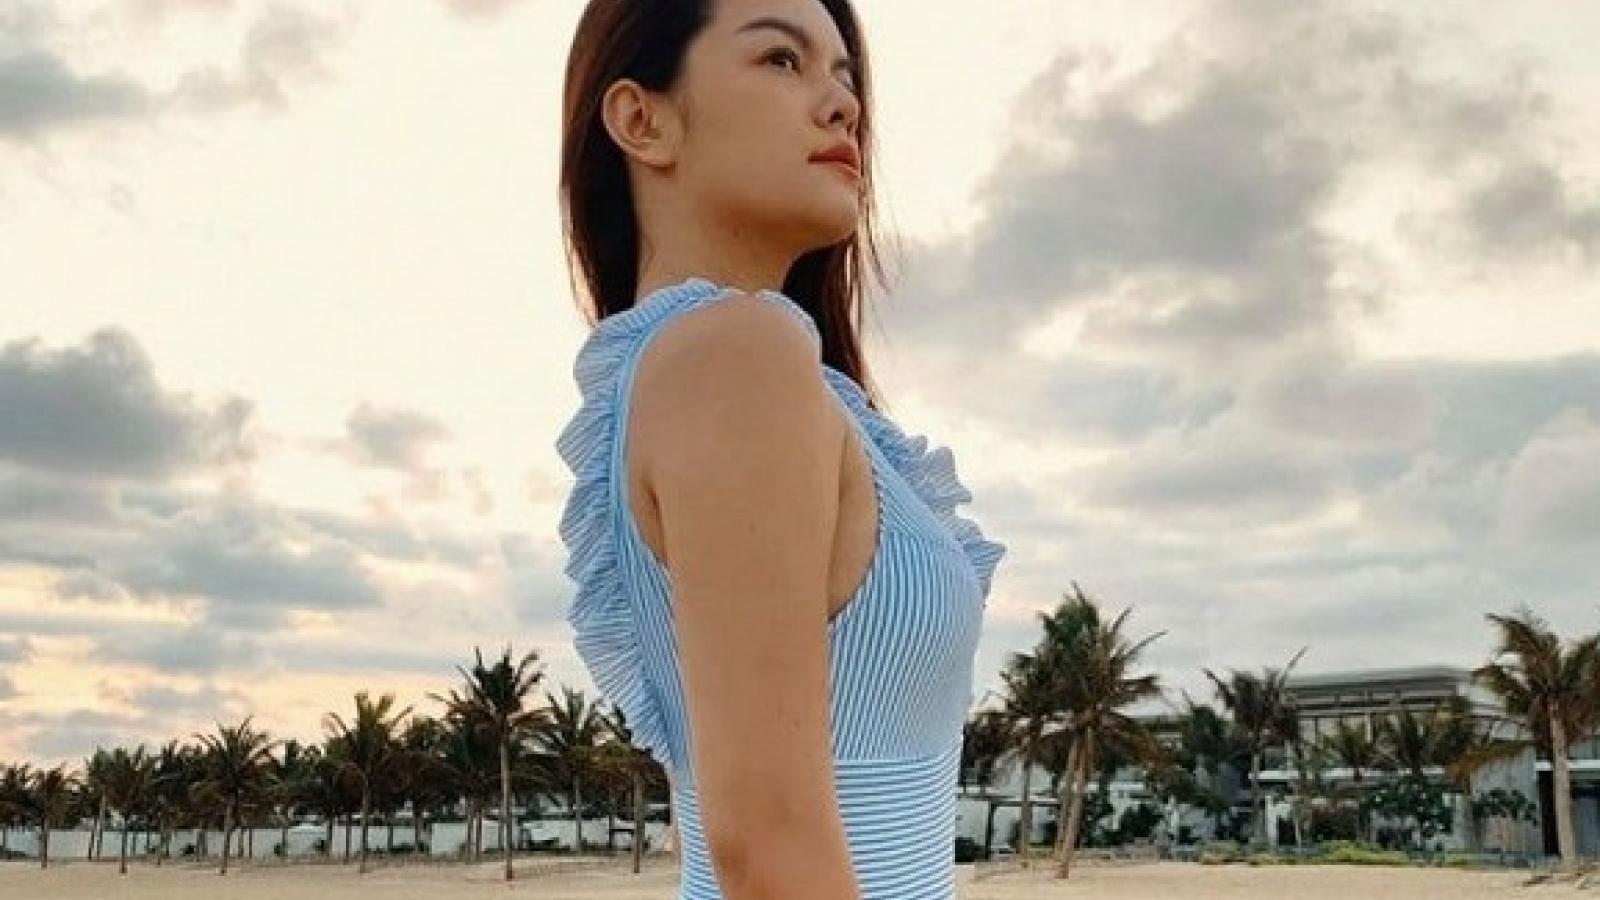 Chuyện showbiz: Phạm Quỳnh Anh mặc áo tắm, phô đường cong mỹ miều trên biển